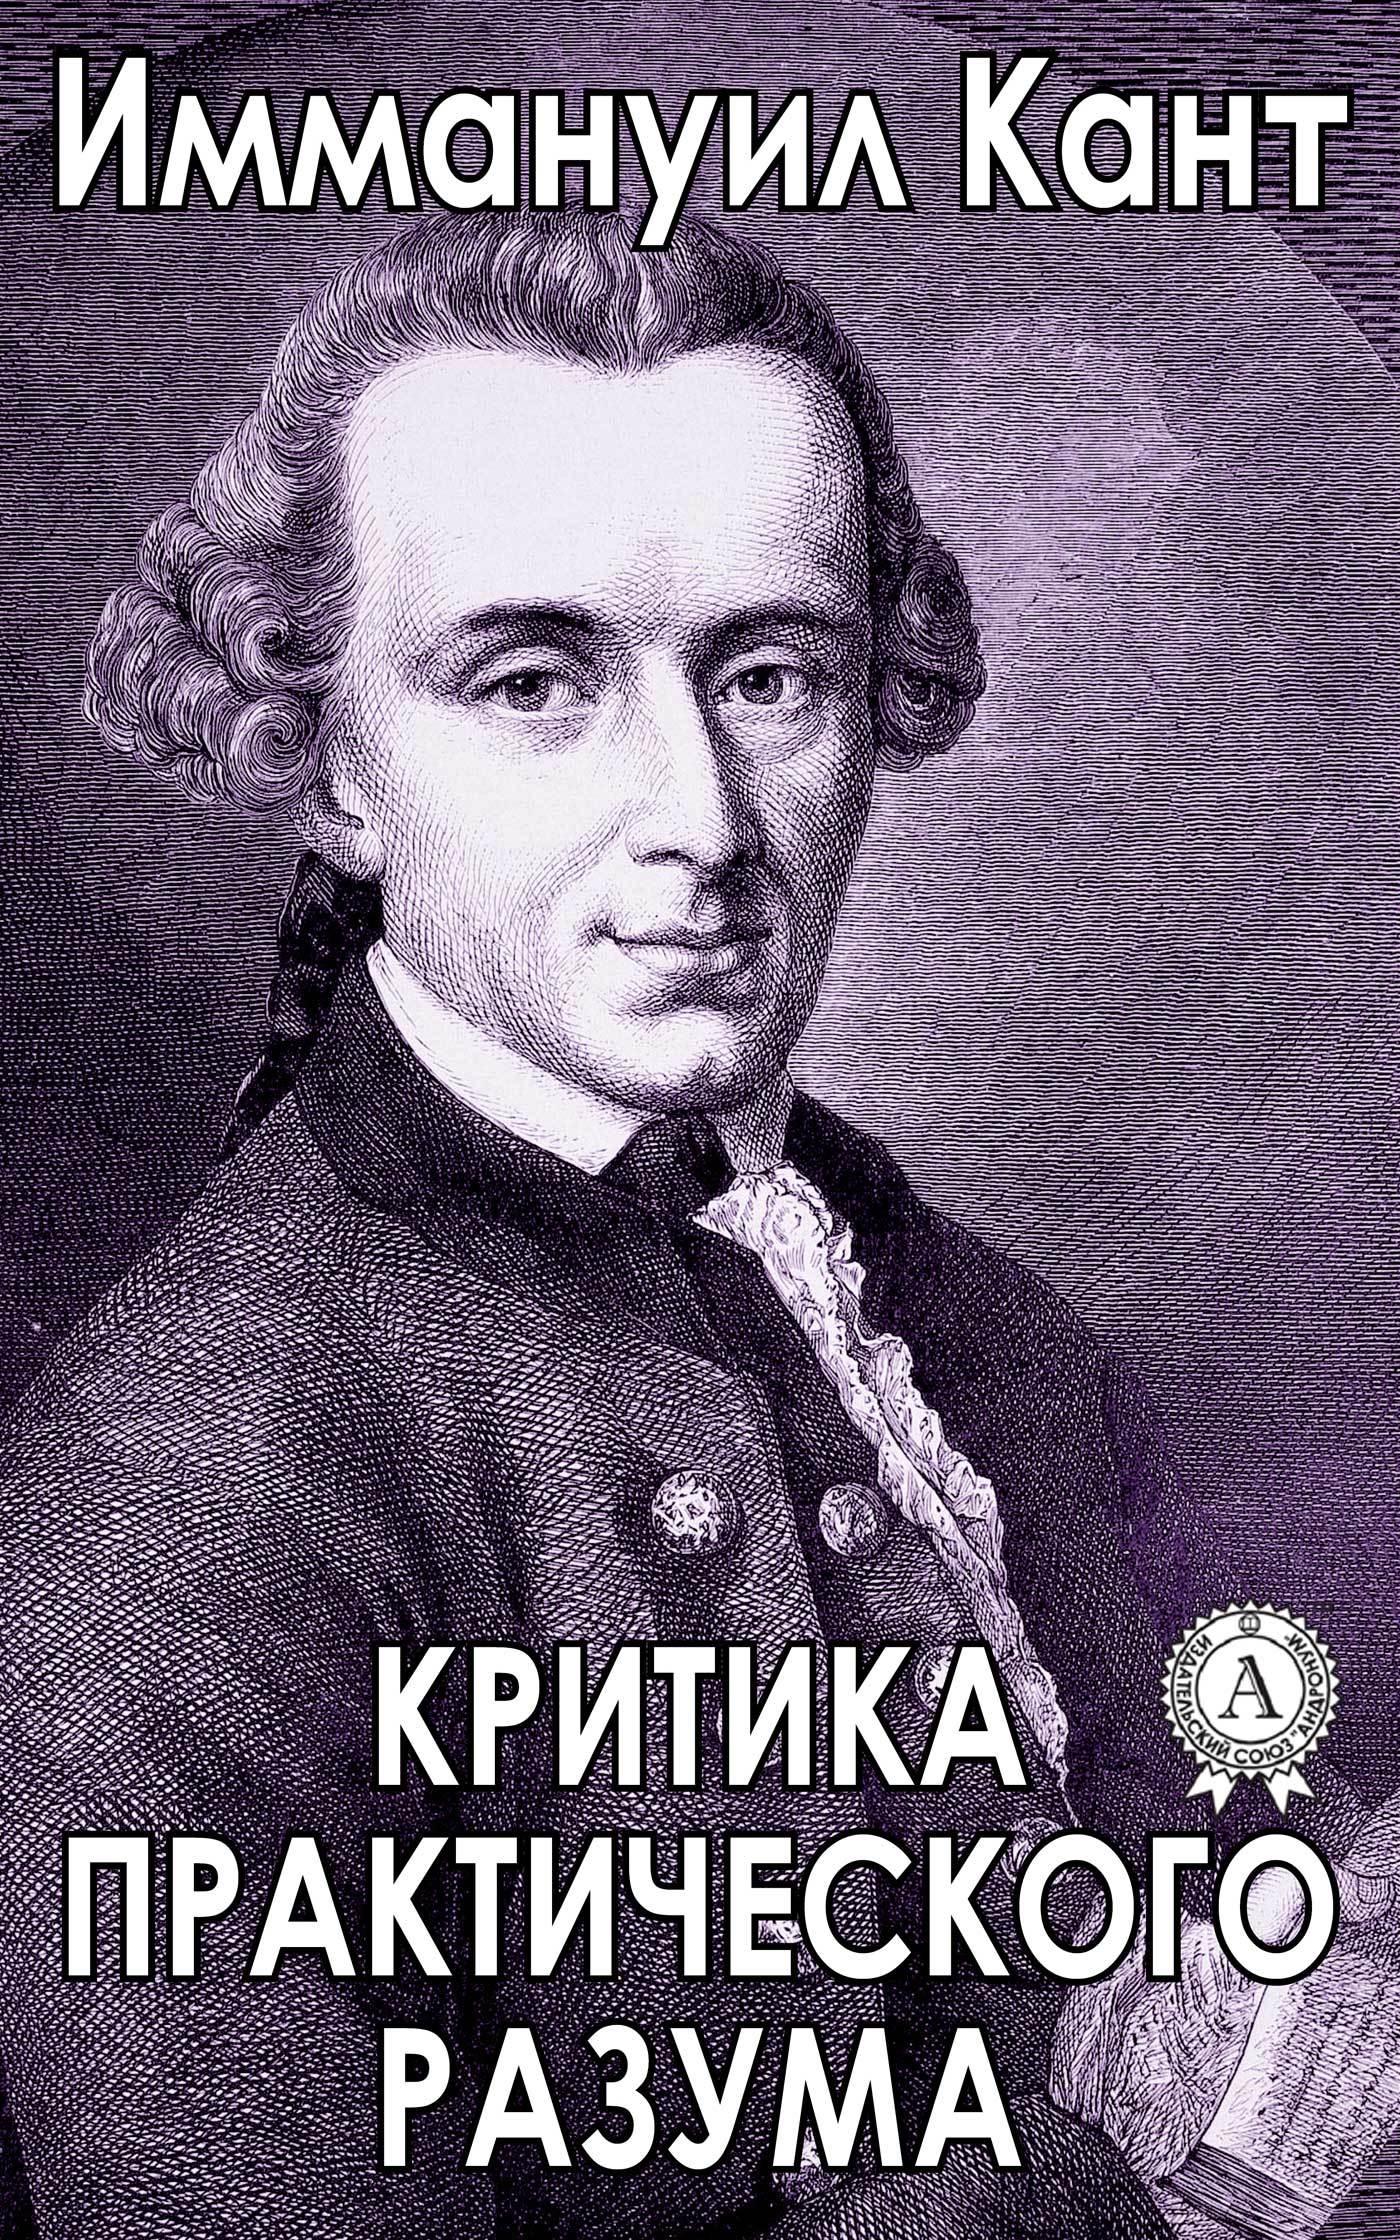 Иммануил Кант Критика практического разума и кант immanuel kants critique of pure reason